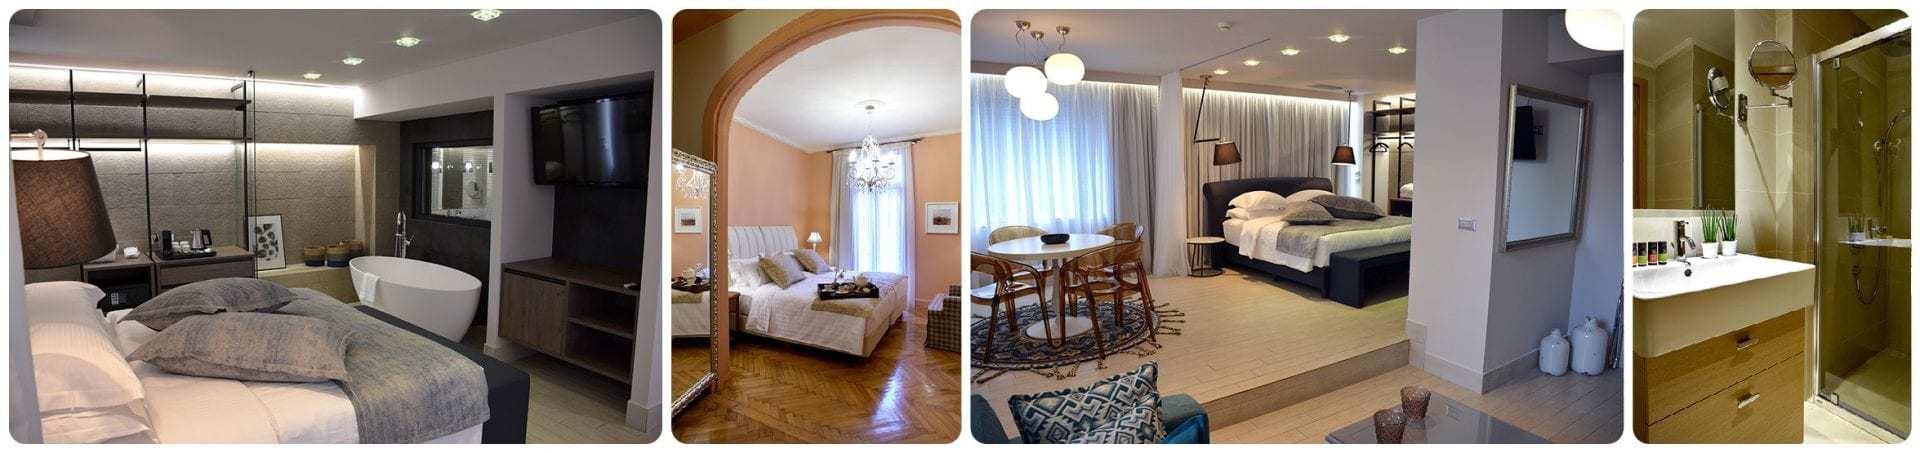 Sweet Home Hotel - תמונות החדרים מתוך האתר הרשמי